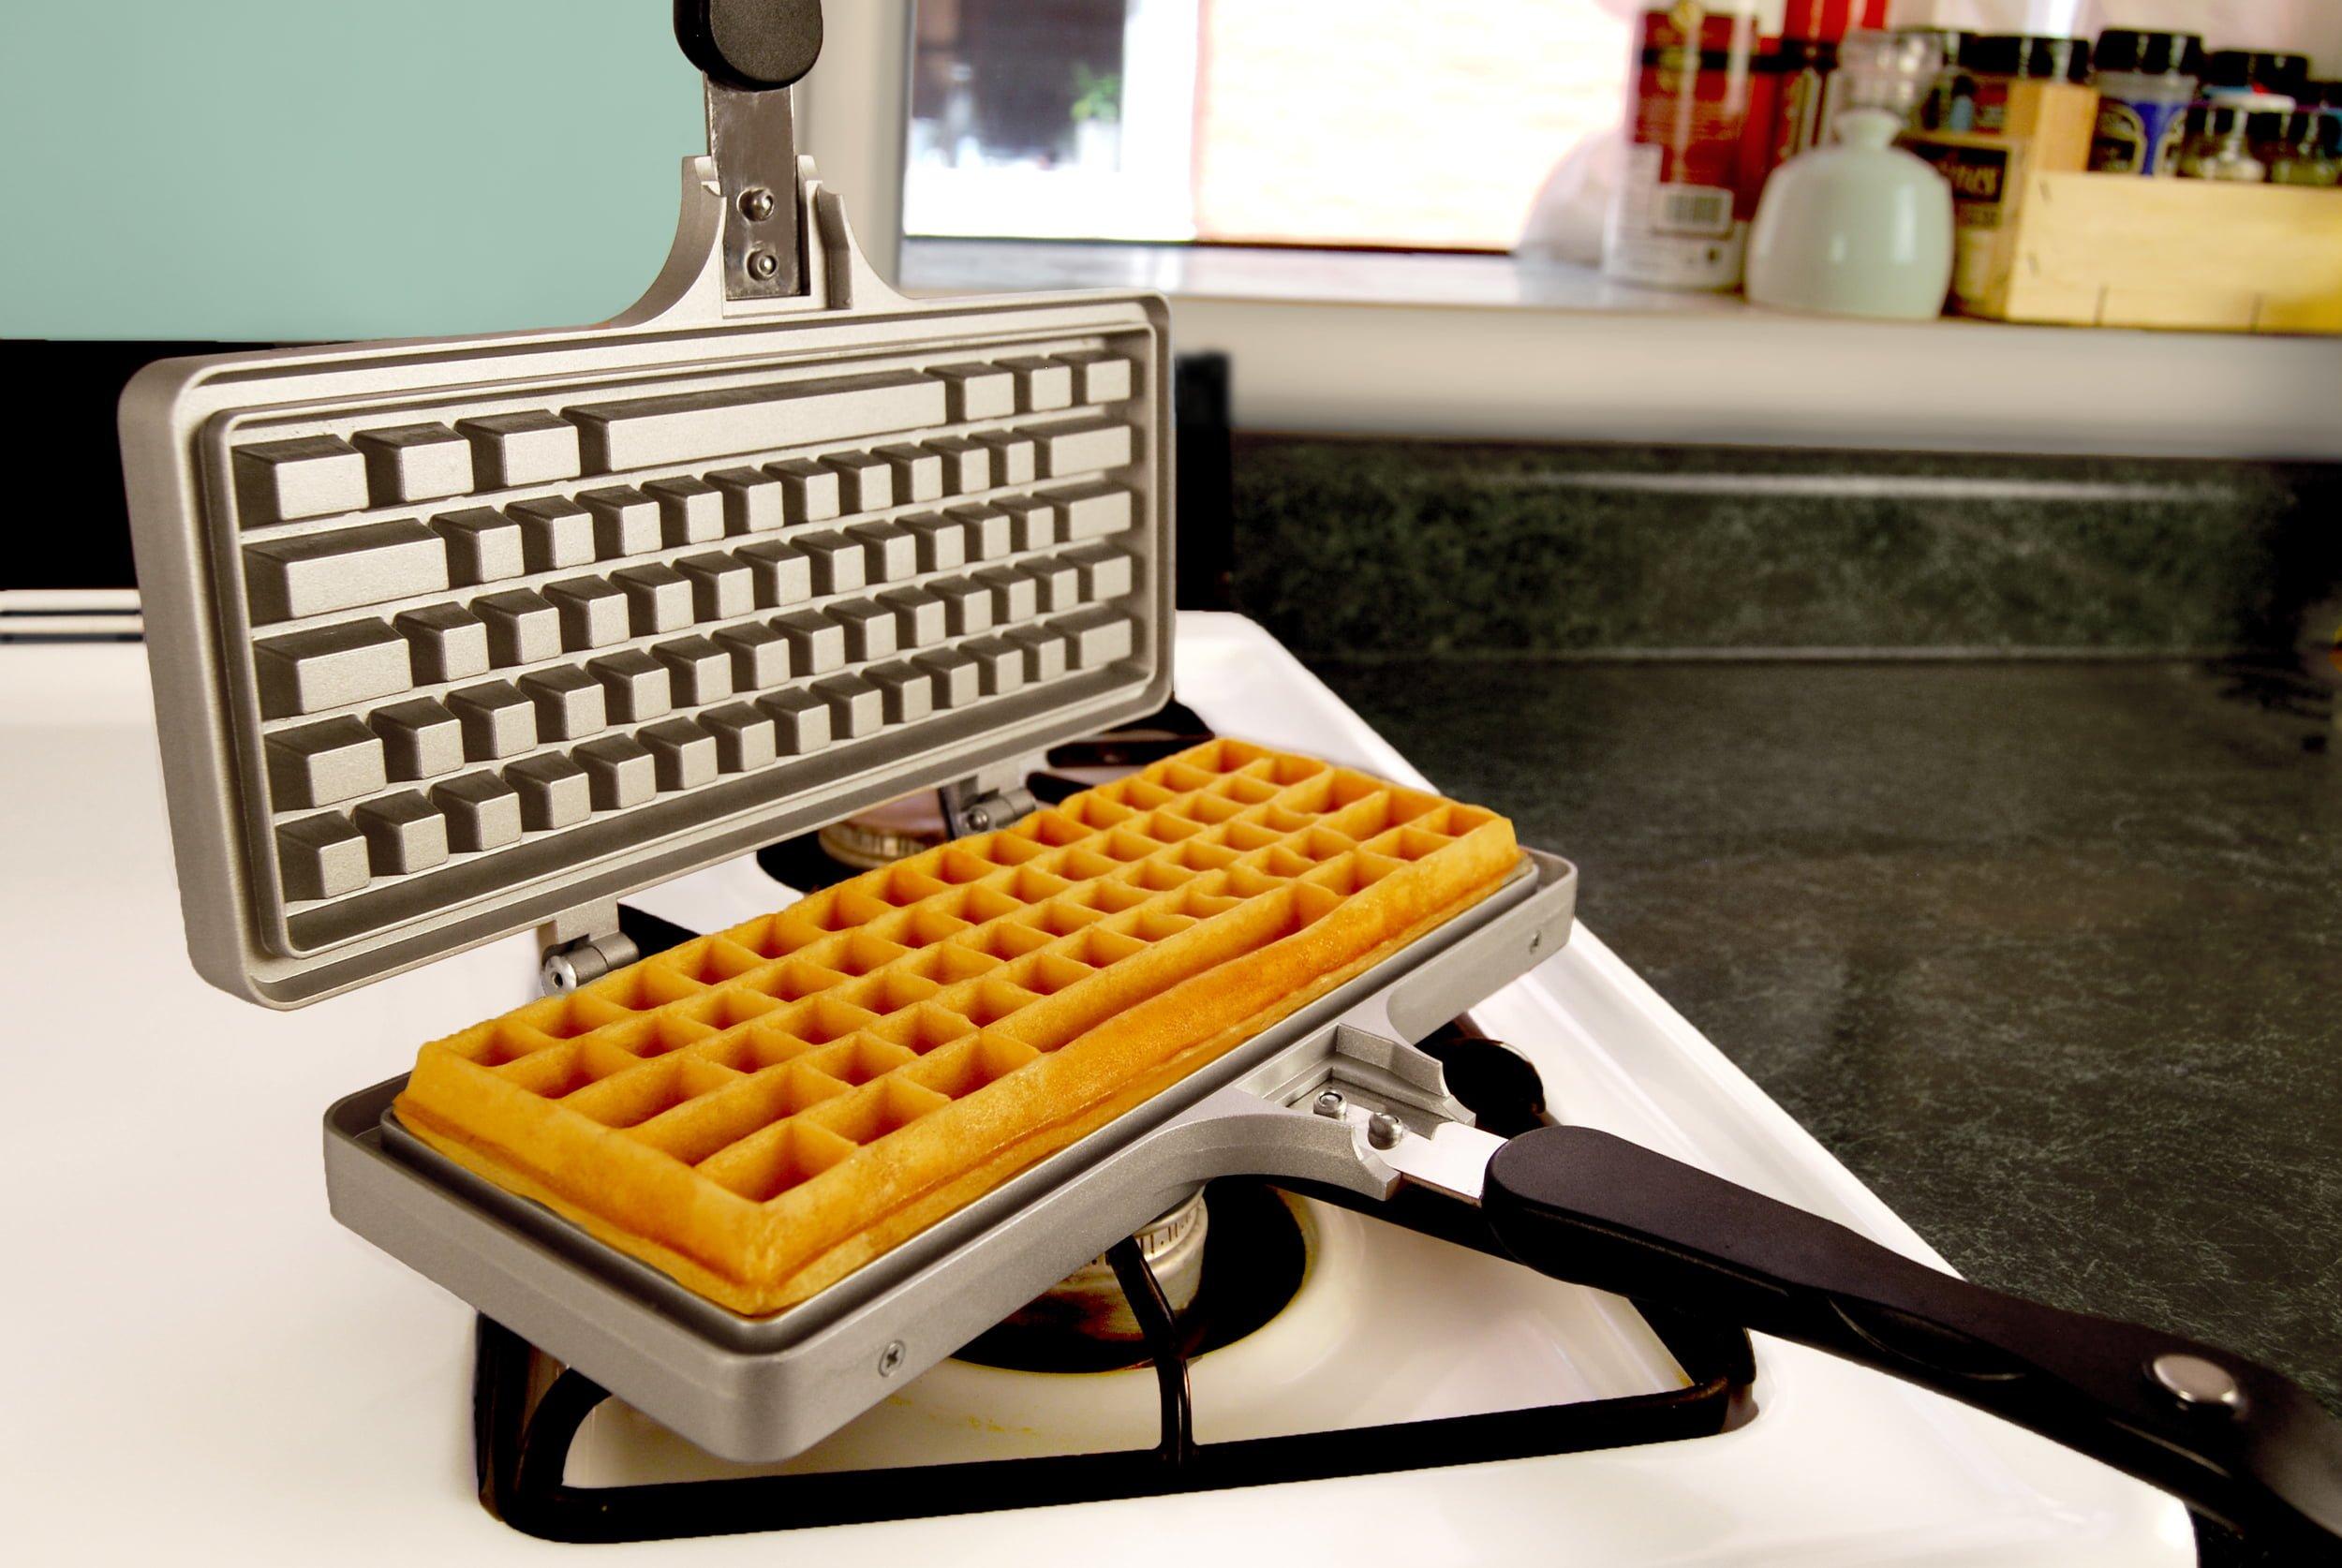 Keyboard_Waffle_Iron_Open_Stovetop_waffle_01